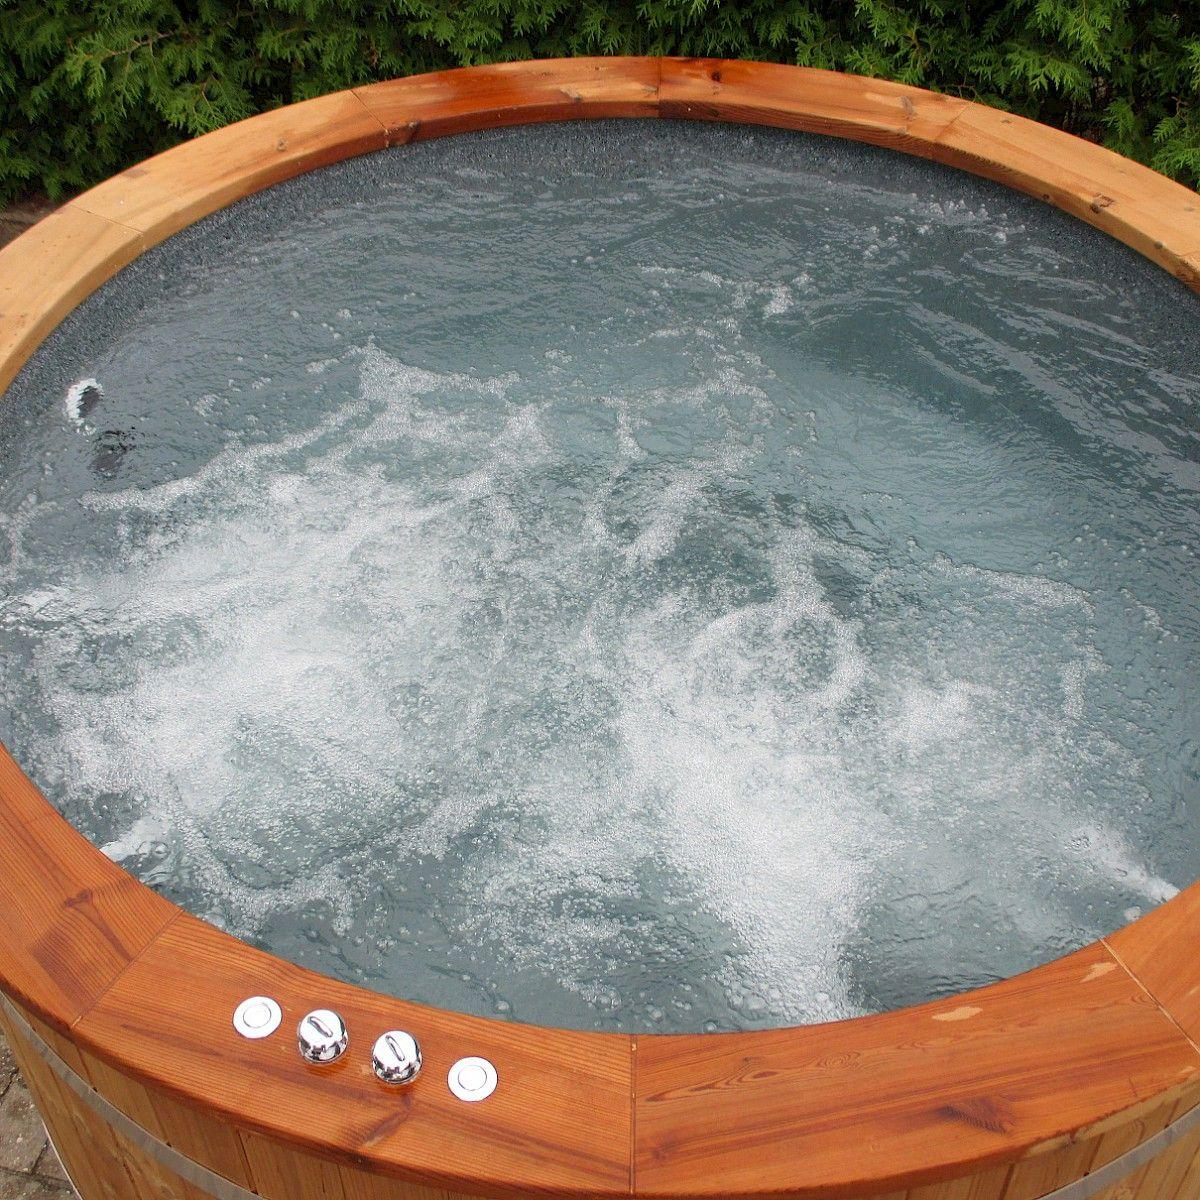 Awesome Garten whirlpool Garten Jacuzzi Aussen whirlpool Hot Tub mit Sprudel Badetonne mit